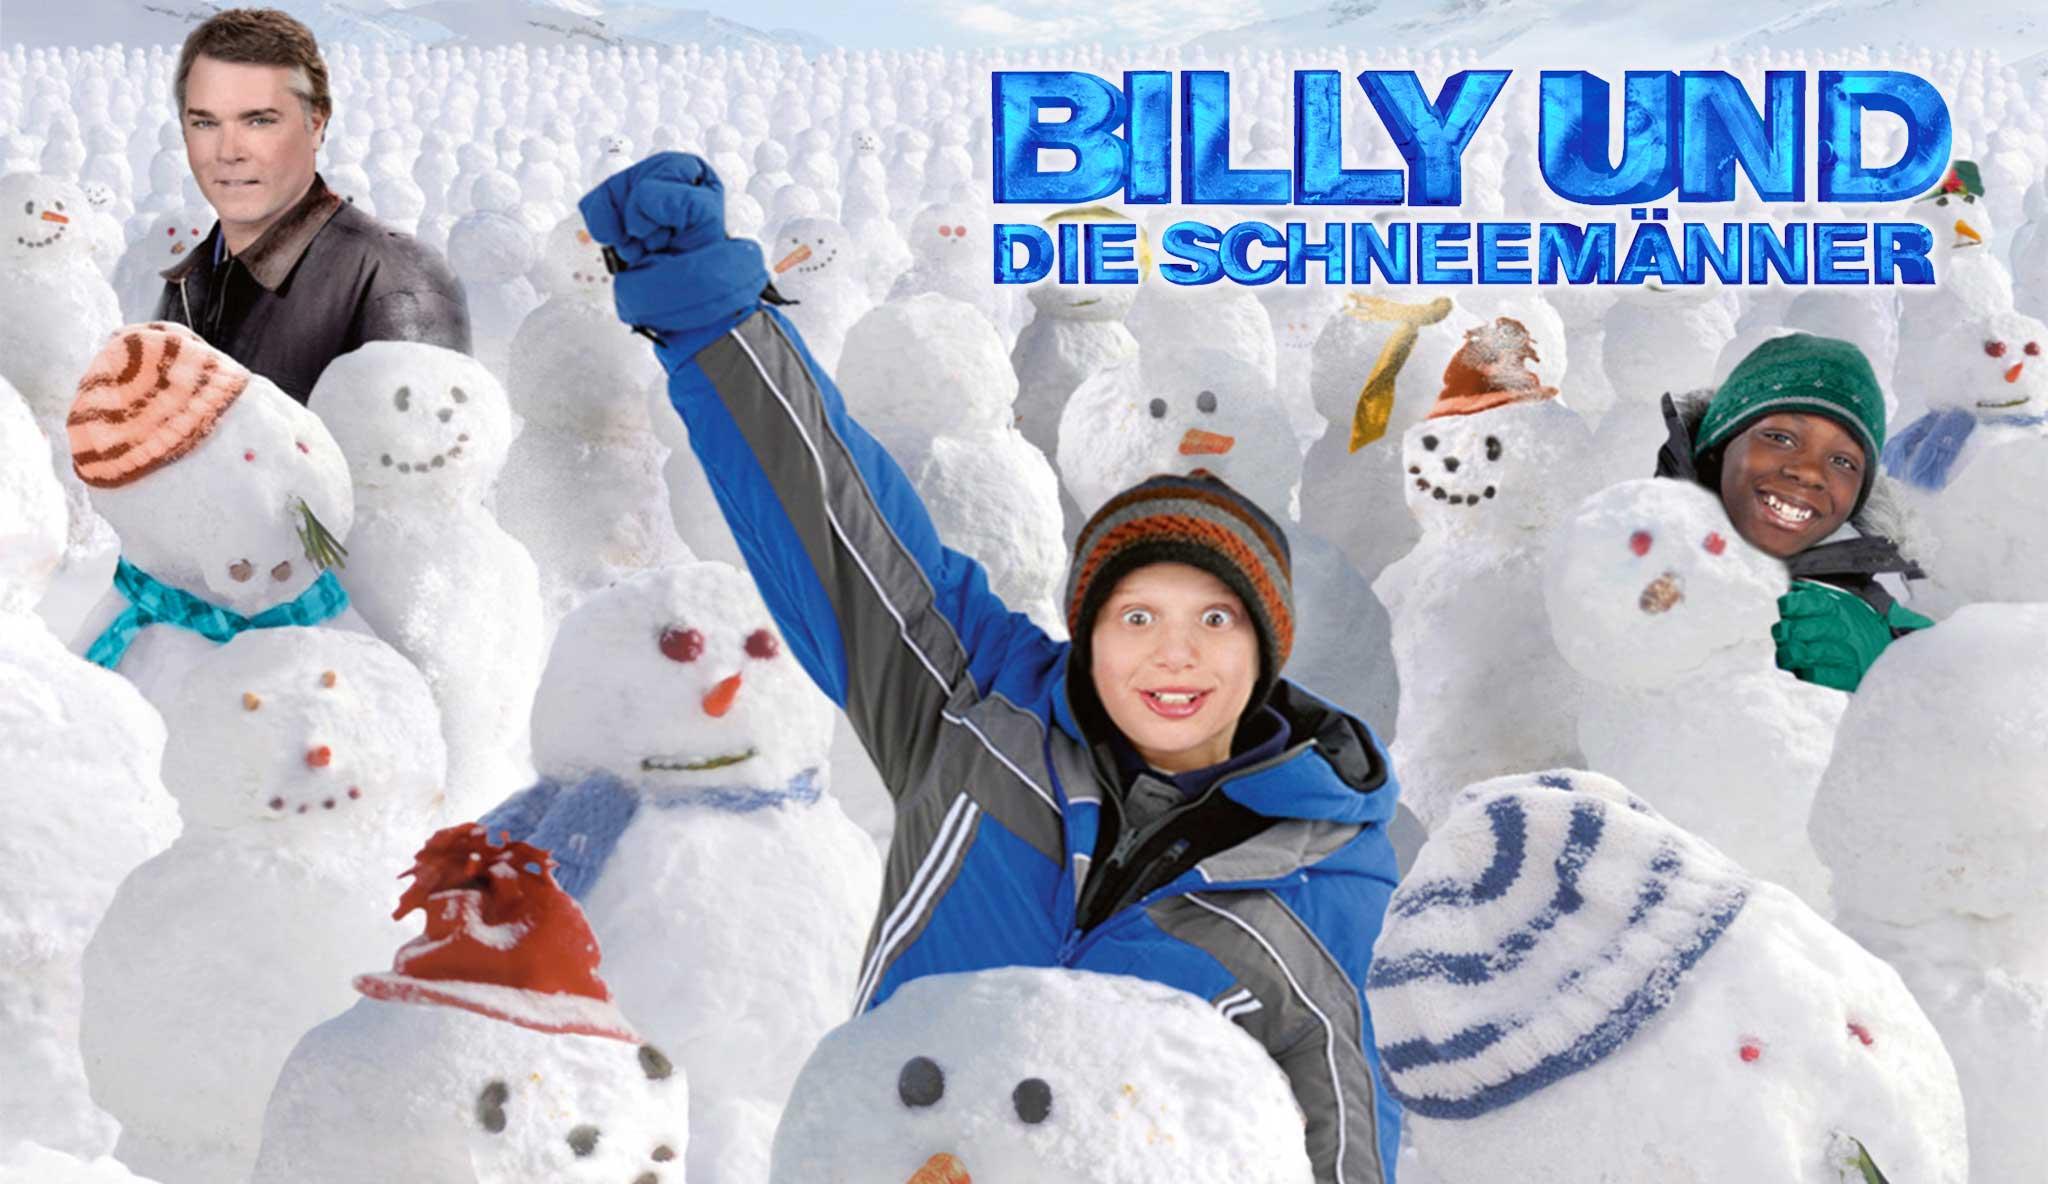 billy-und-die-schneemanner\header.jpg